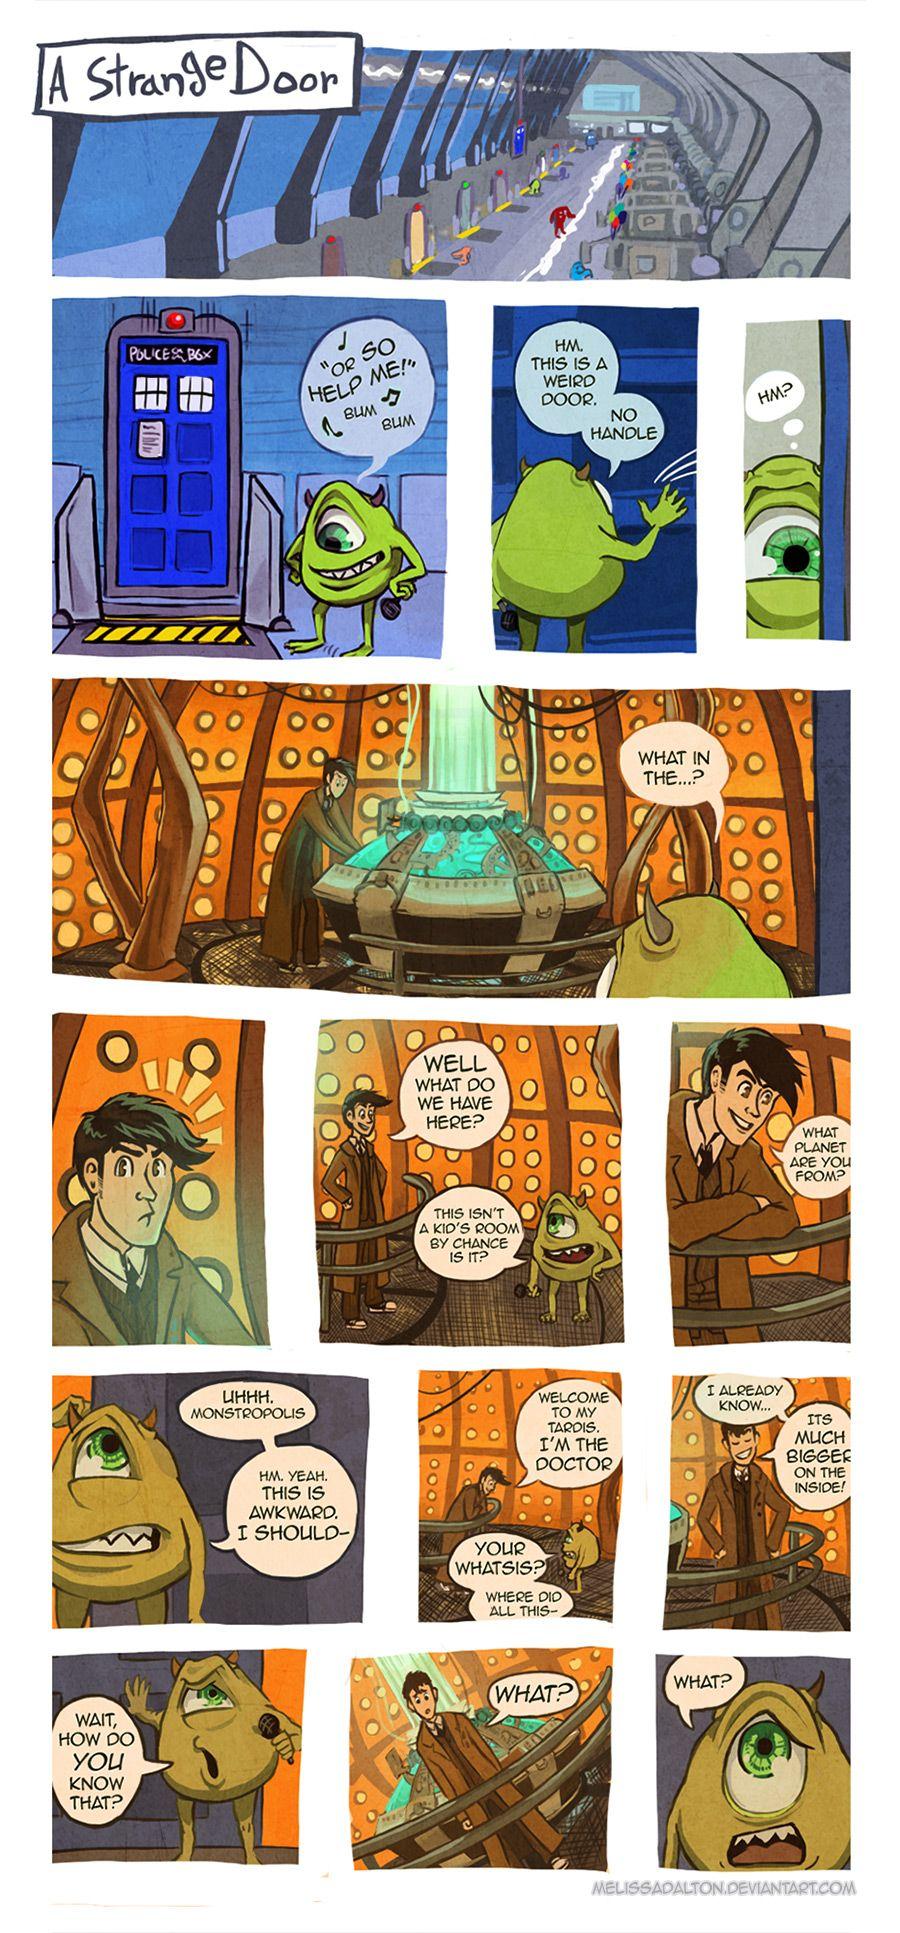 A Strange Door (Doctor Who x Monsters Inc) - Imgur